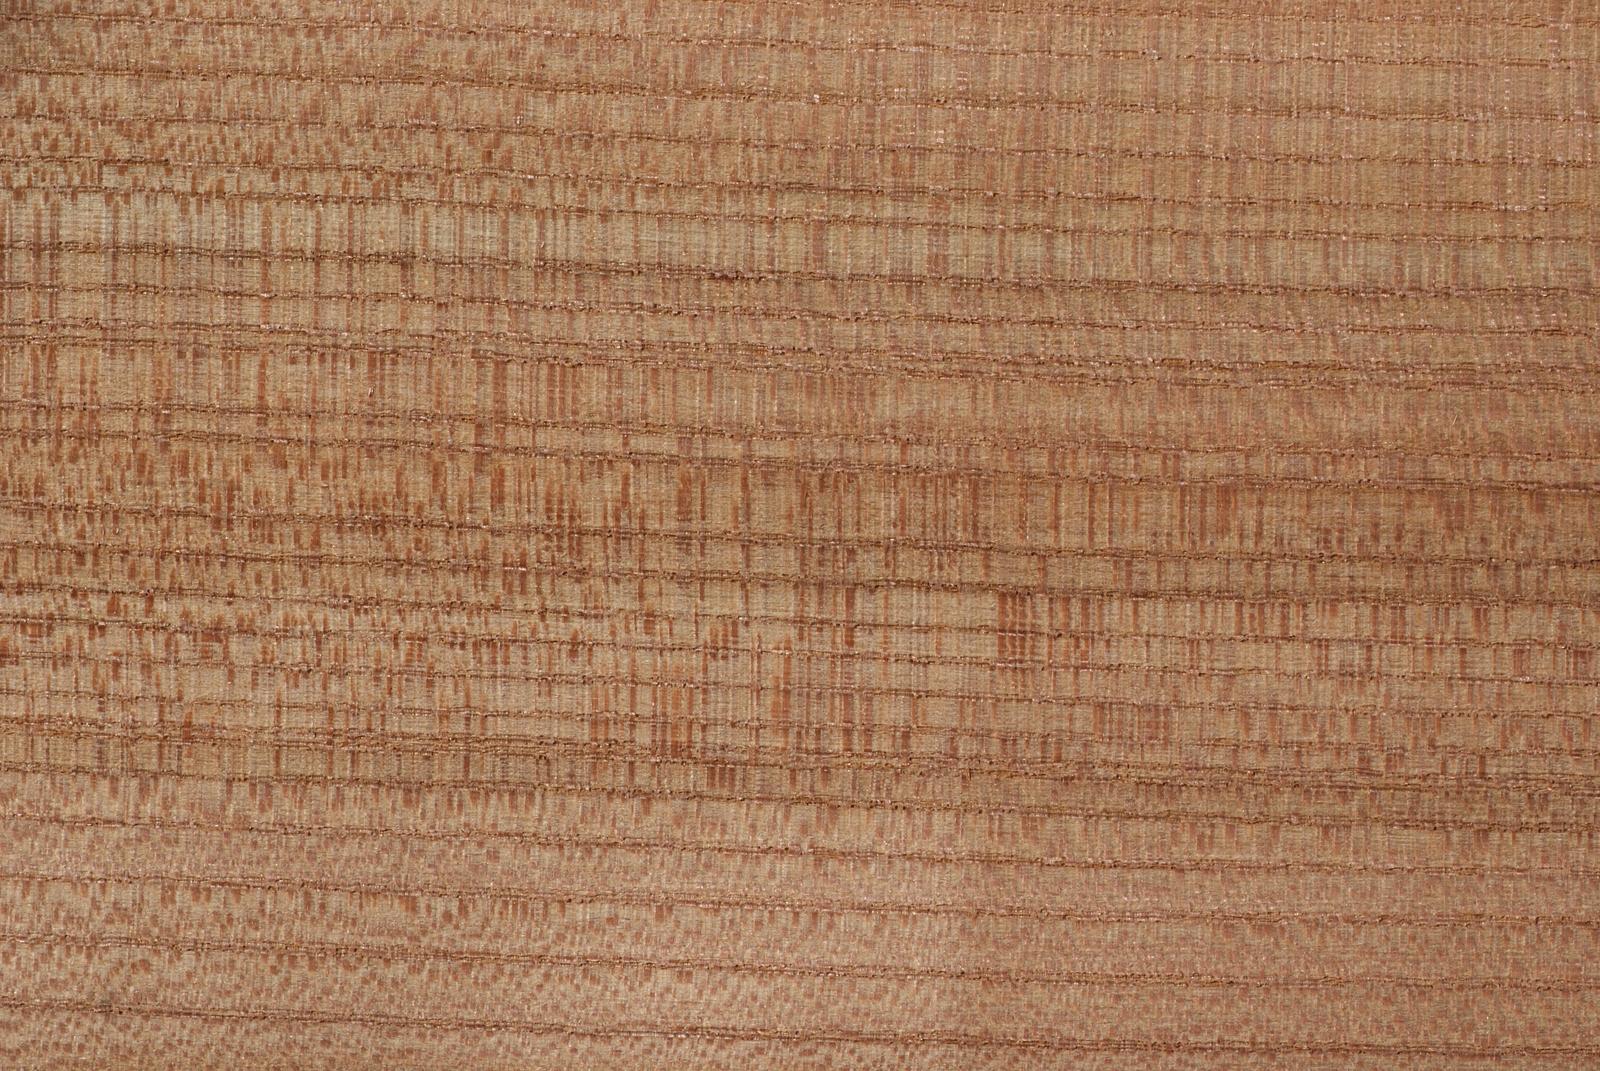 Rüster Holz ulme merkmale eigenschaften holz vom fach